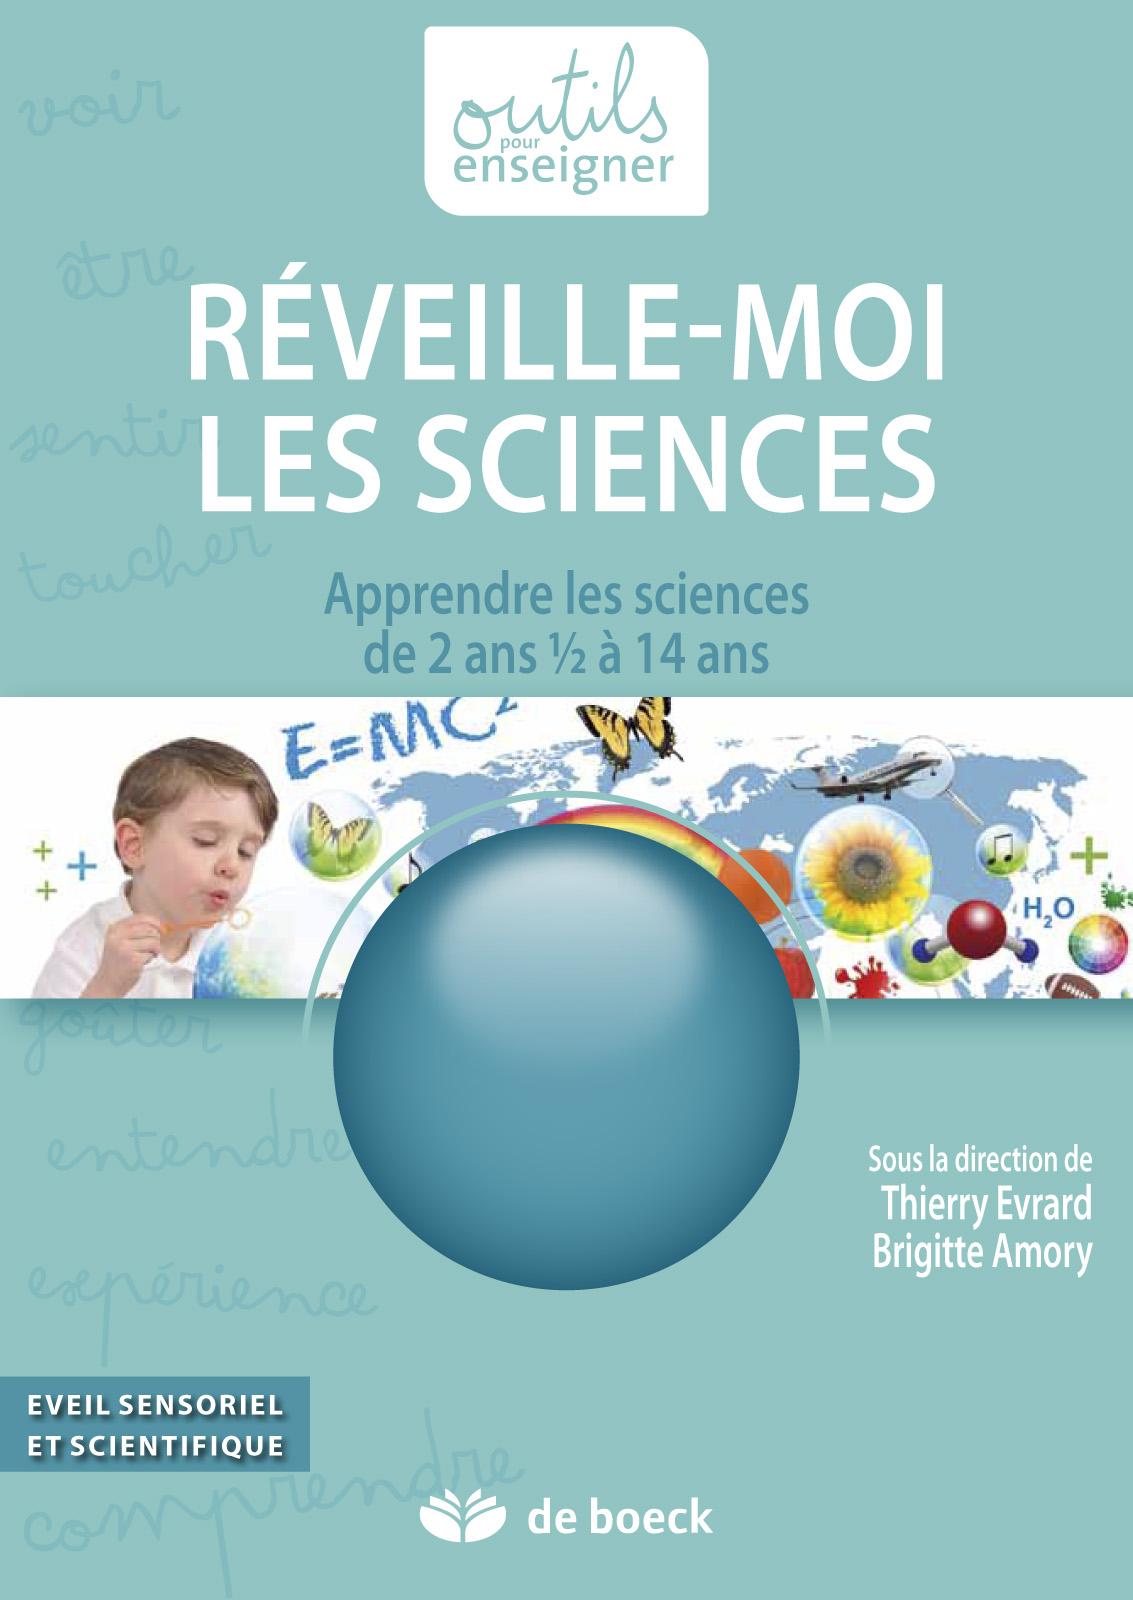 Réveille-moi les Sciences